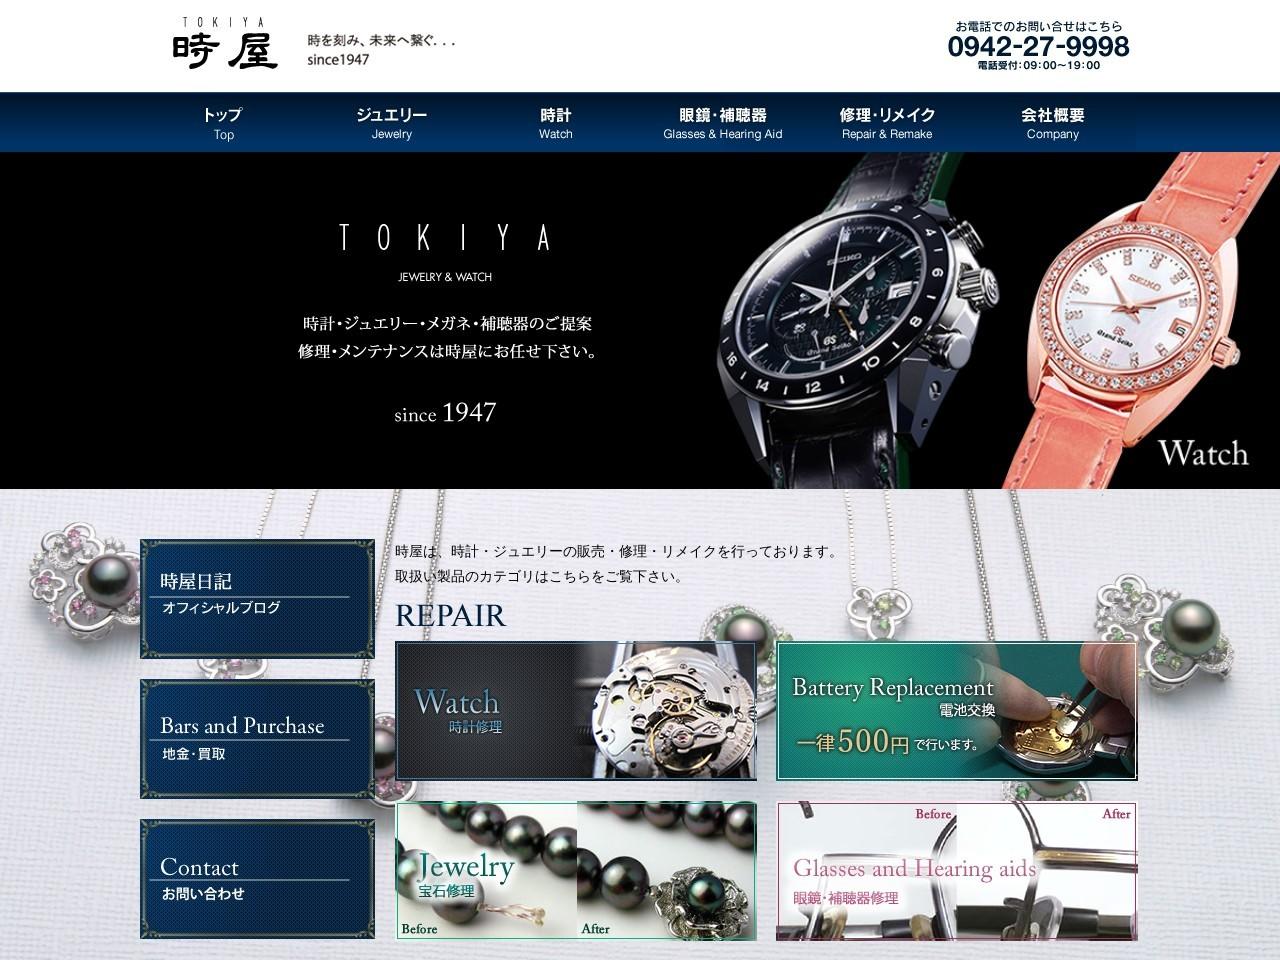 時屋|TOKIYA|時計・宝石の販売、修理|筑後